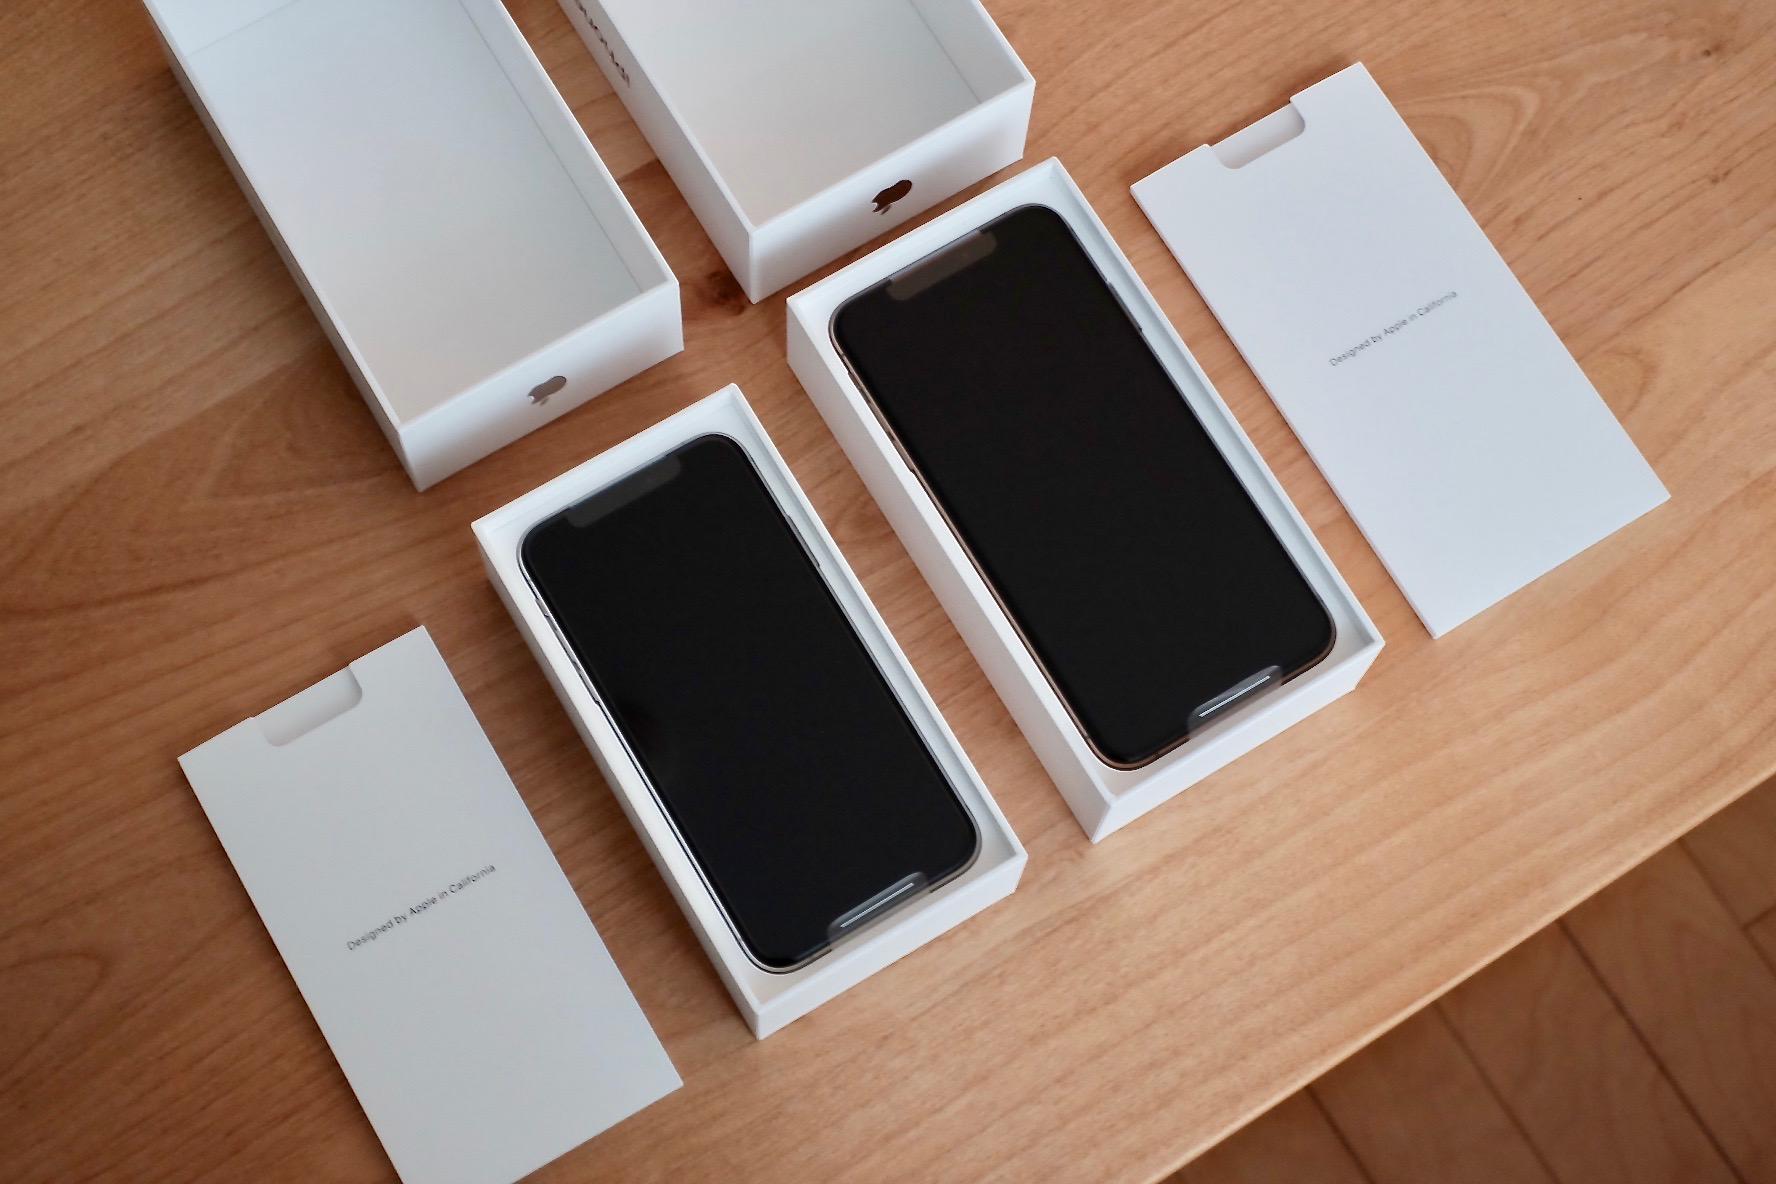 iPhone XSの内容物